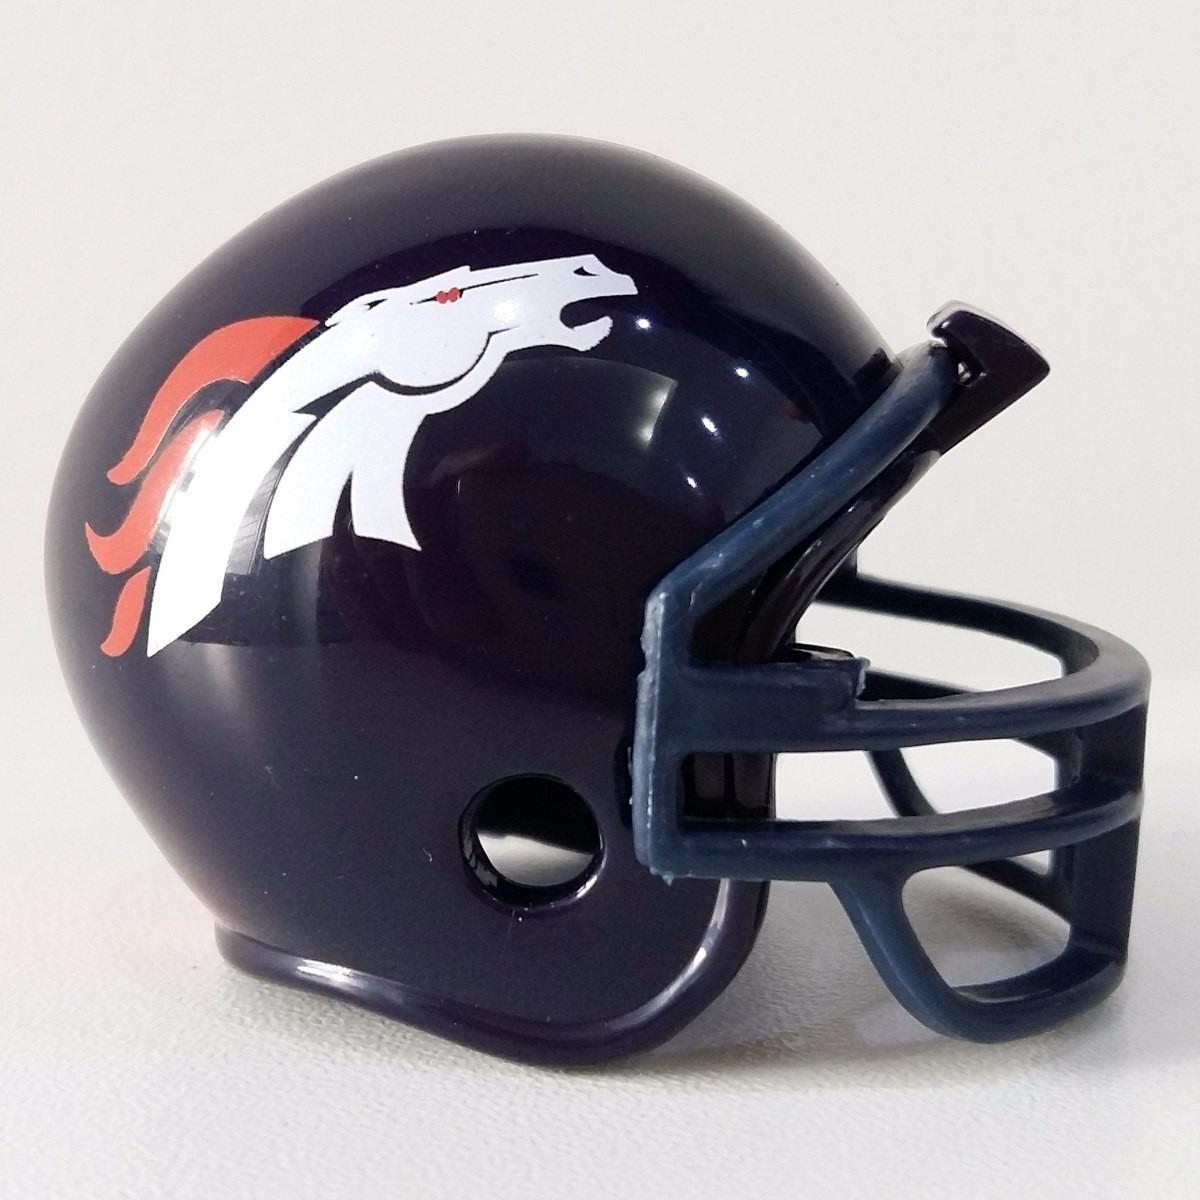 d04a57c3fa23d mini capacete nfl denver broncos - frete grátis. Carregando zoom.